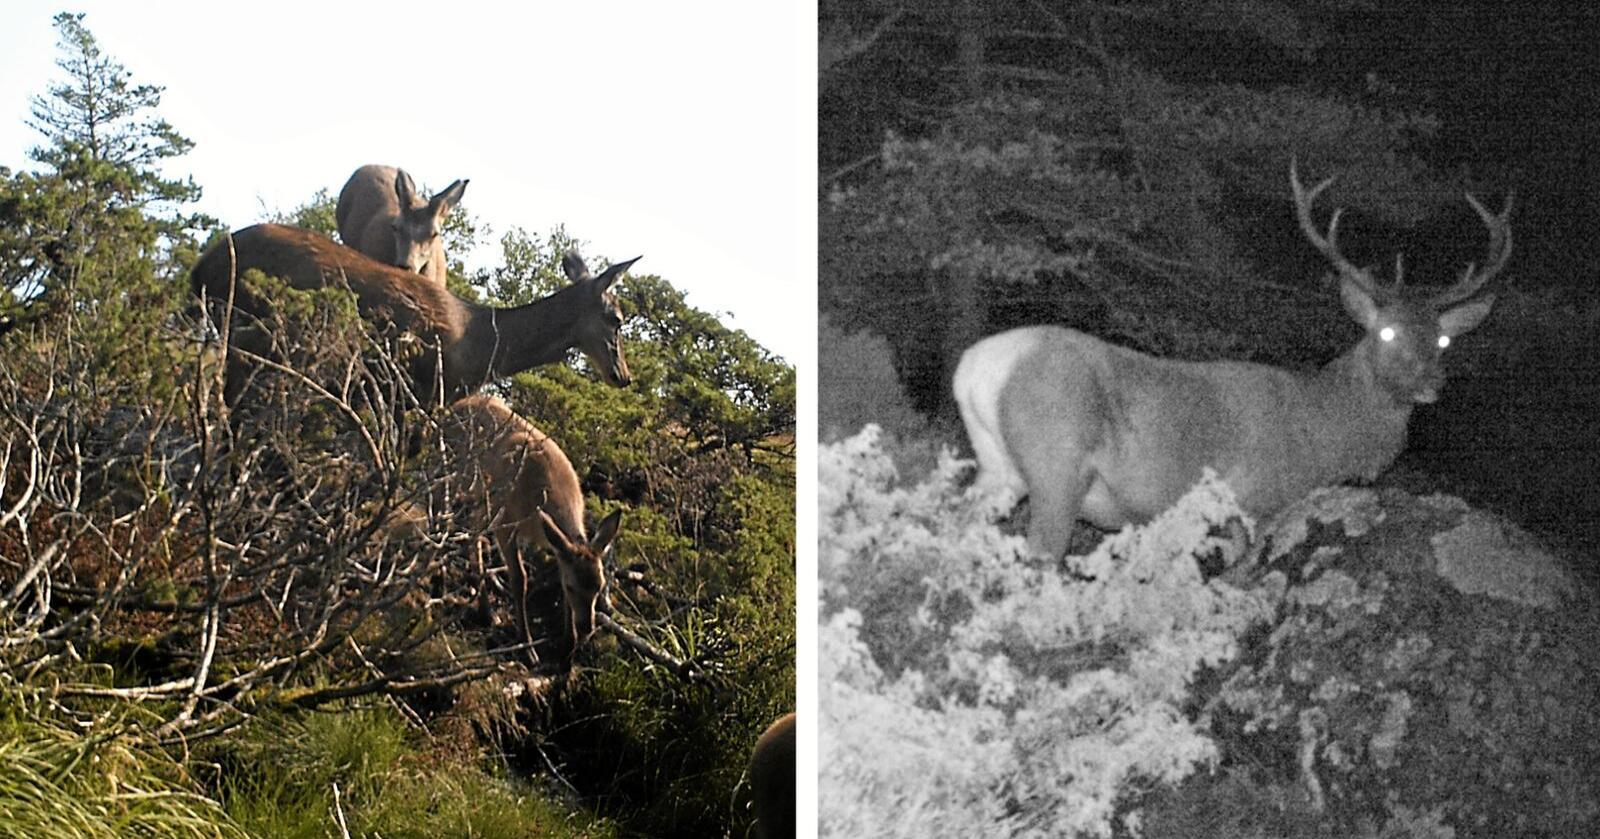 Disse bildene viser hjort som passerer i området hvor Statkraft har søkt om konsesjon til vindkraftutbygging. Foto: Kristoffer Birkeland